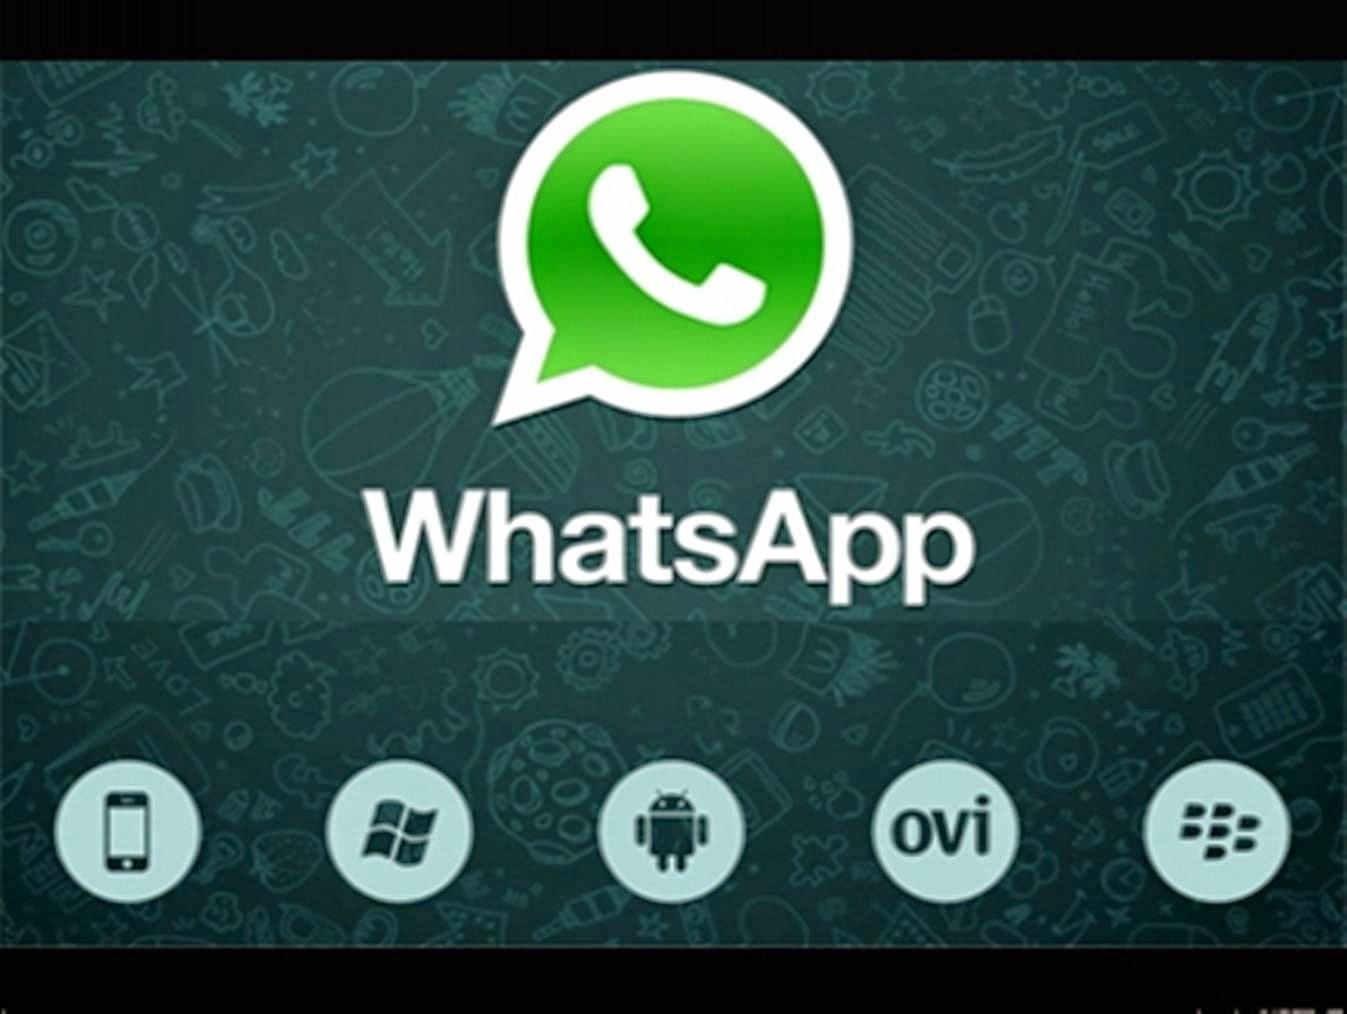 تحميل برنامج واتس اب WhatsApp لجميع الانظمة مجانا !